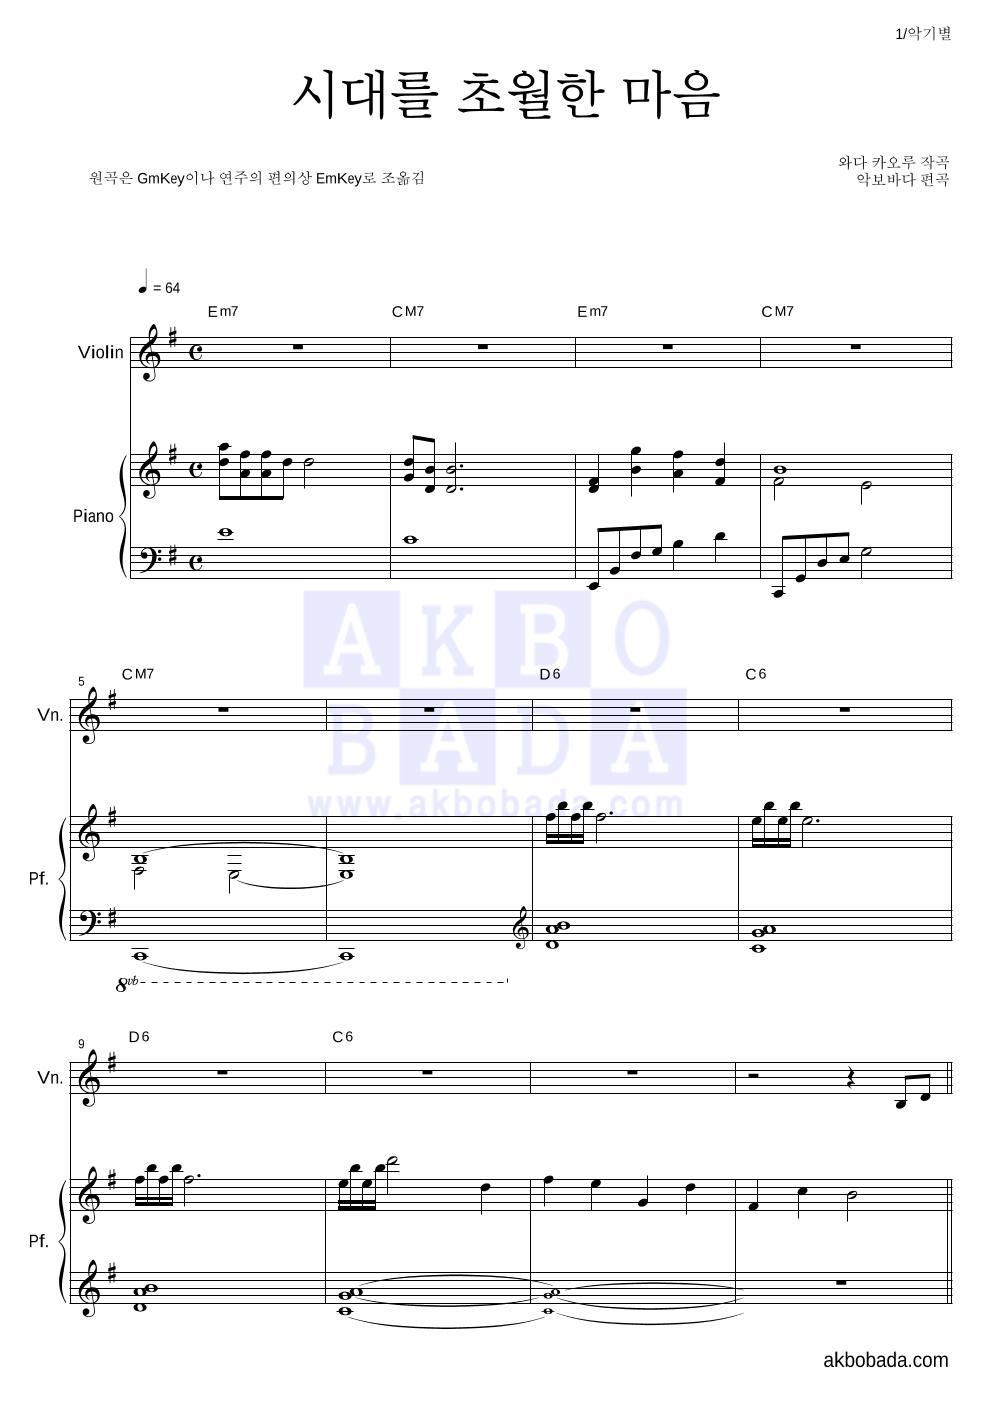 이누야사 OST - 시대를 초월한 마음 바이올린&피아노 악보